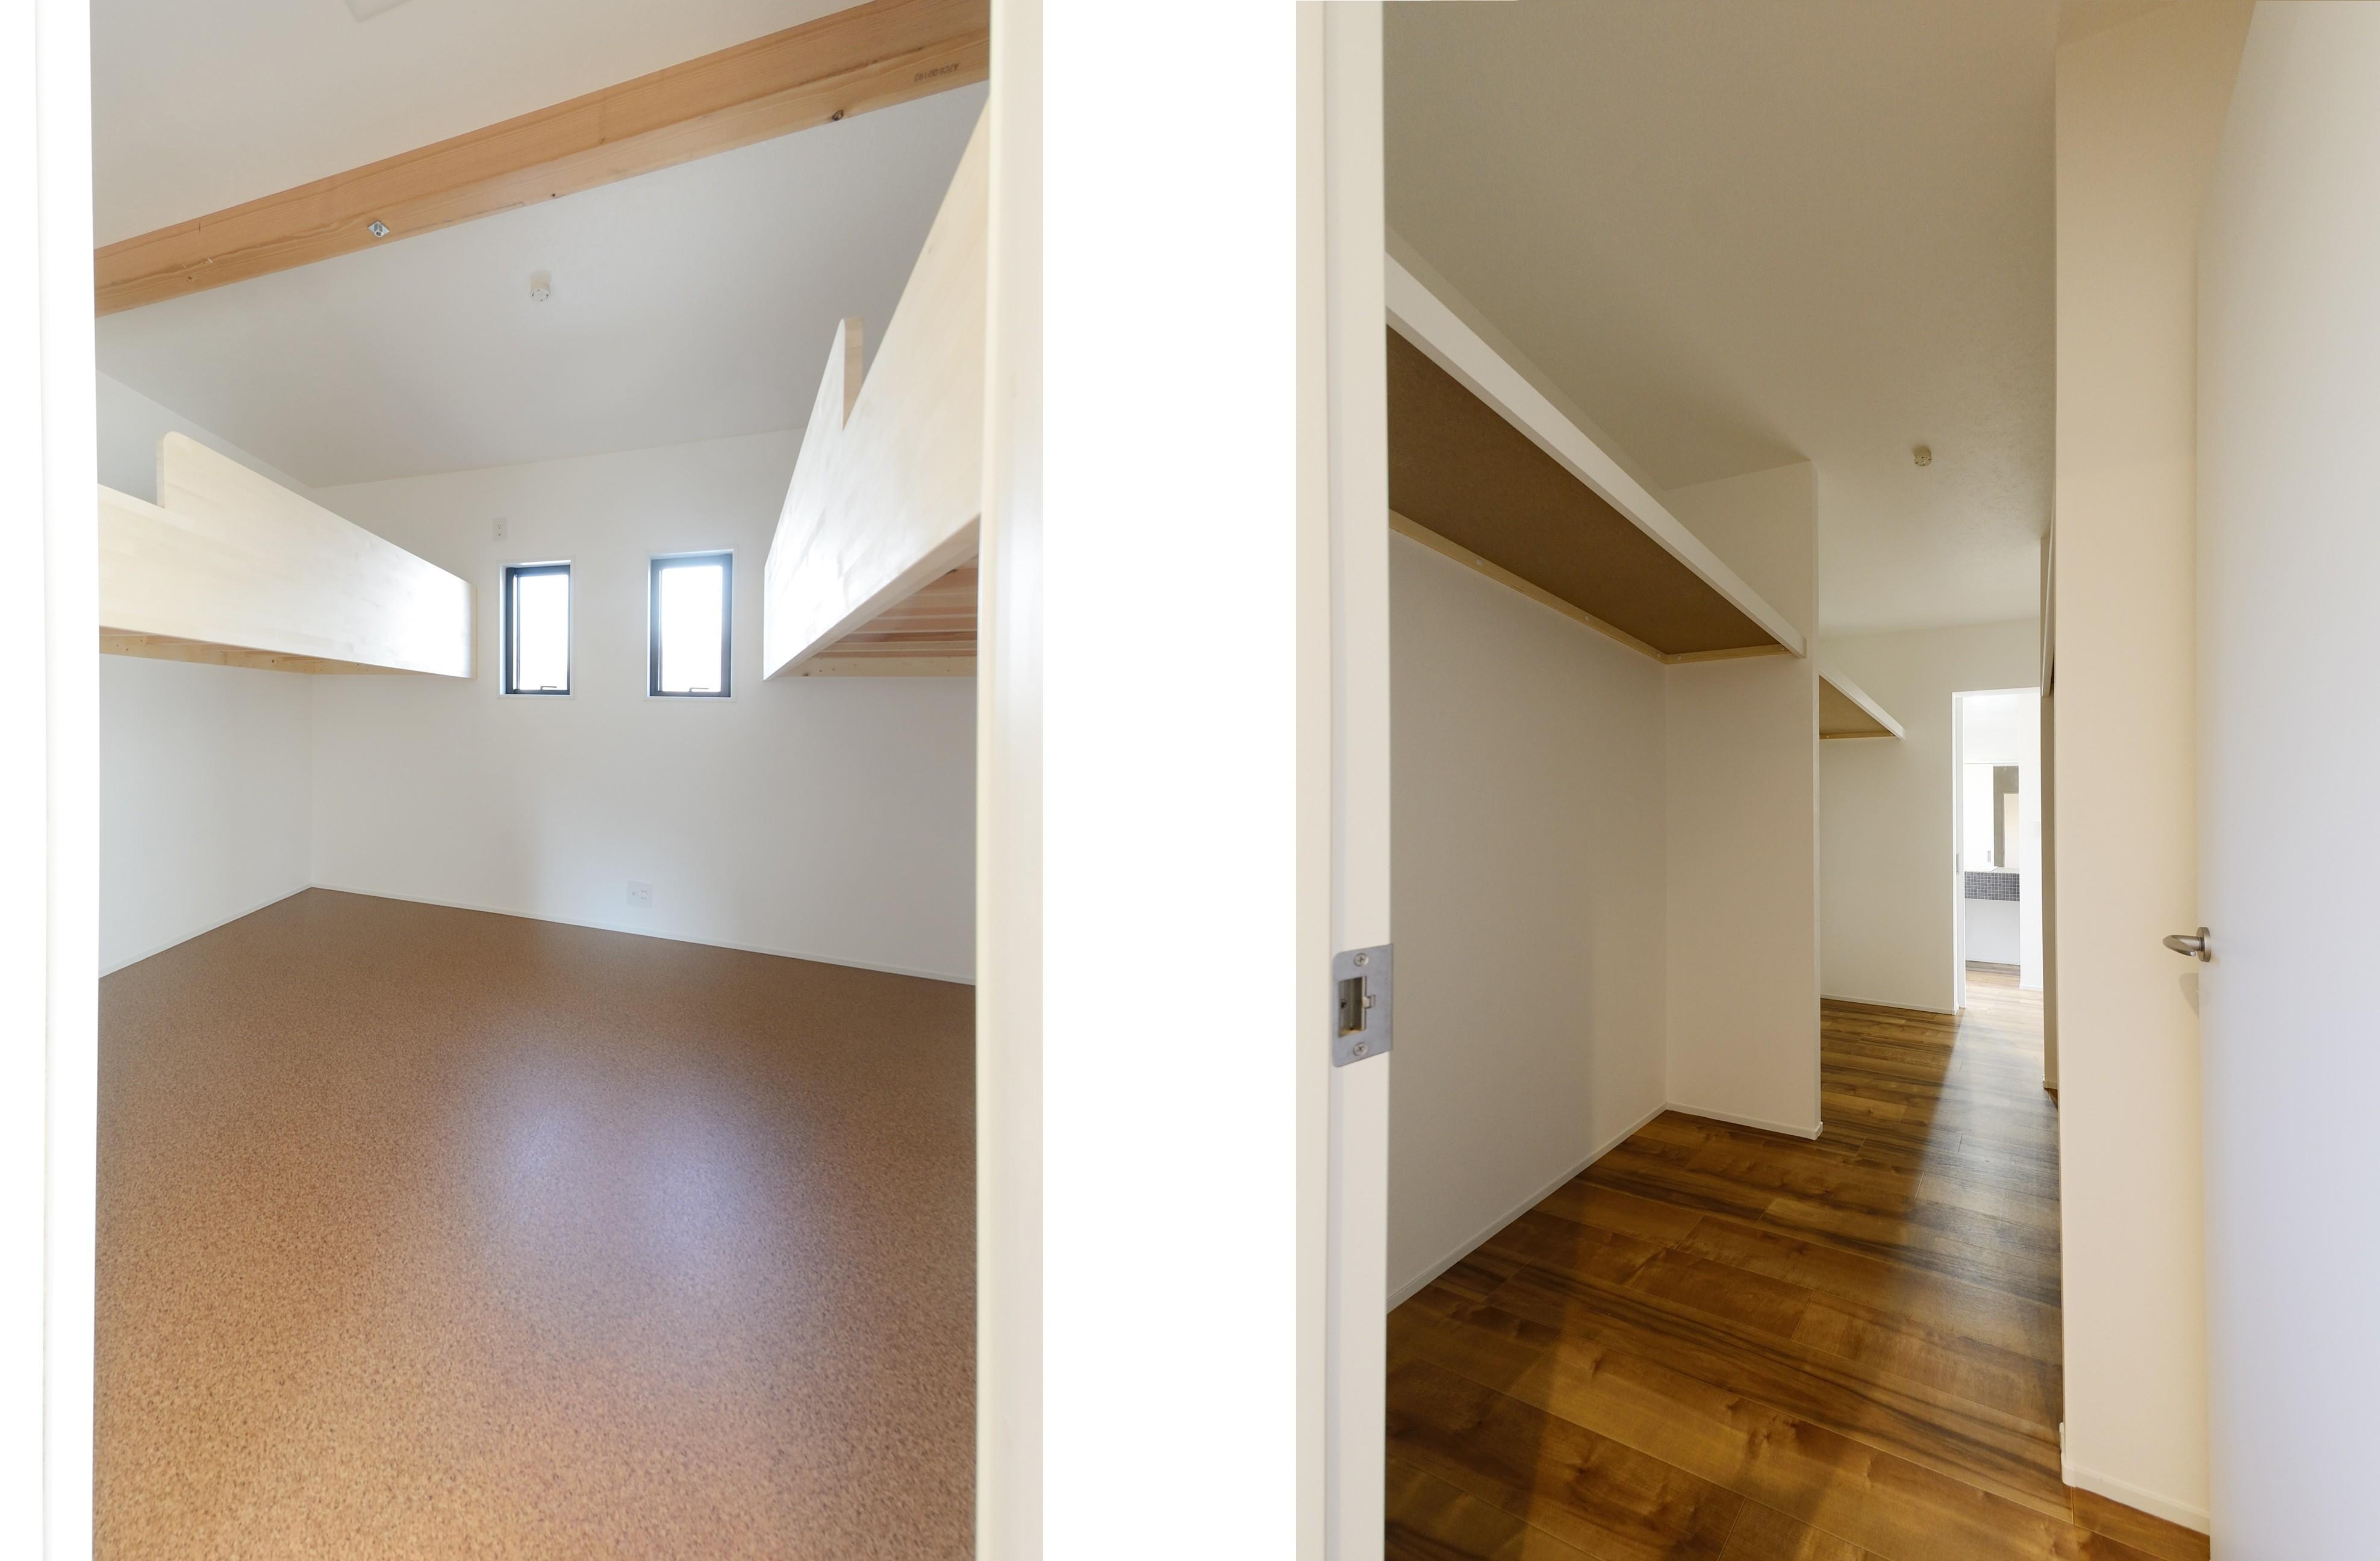 子供部屋事例:子ども部屋/ウォークインクローゼット(森のような風情を楽しみながら過ごす築40年以上の戸建てリファイニング)